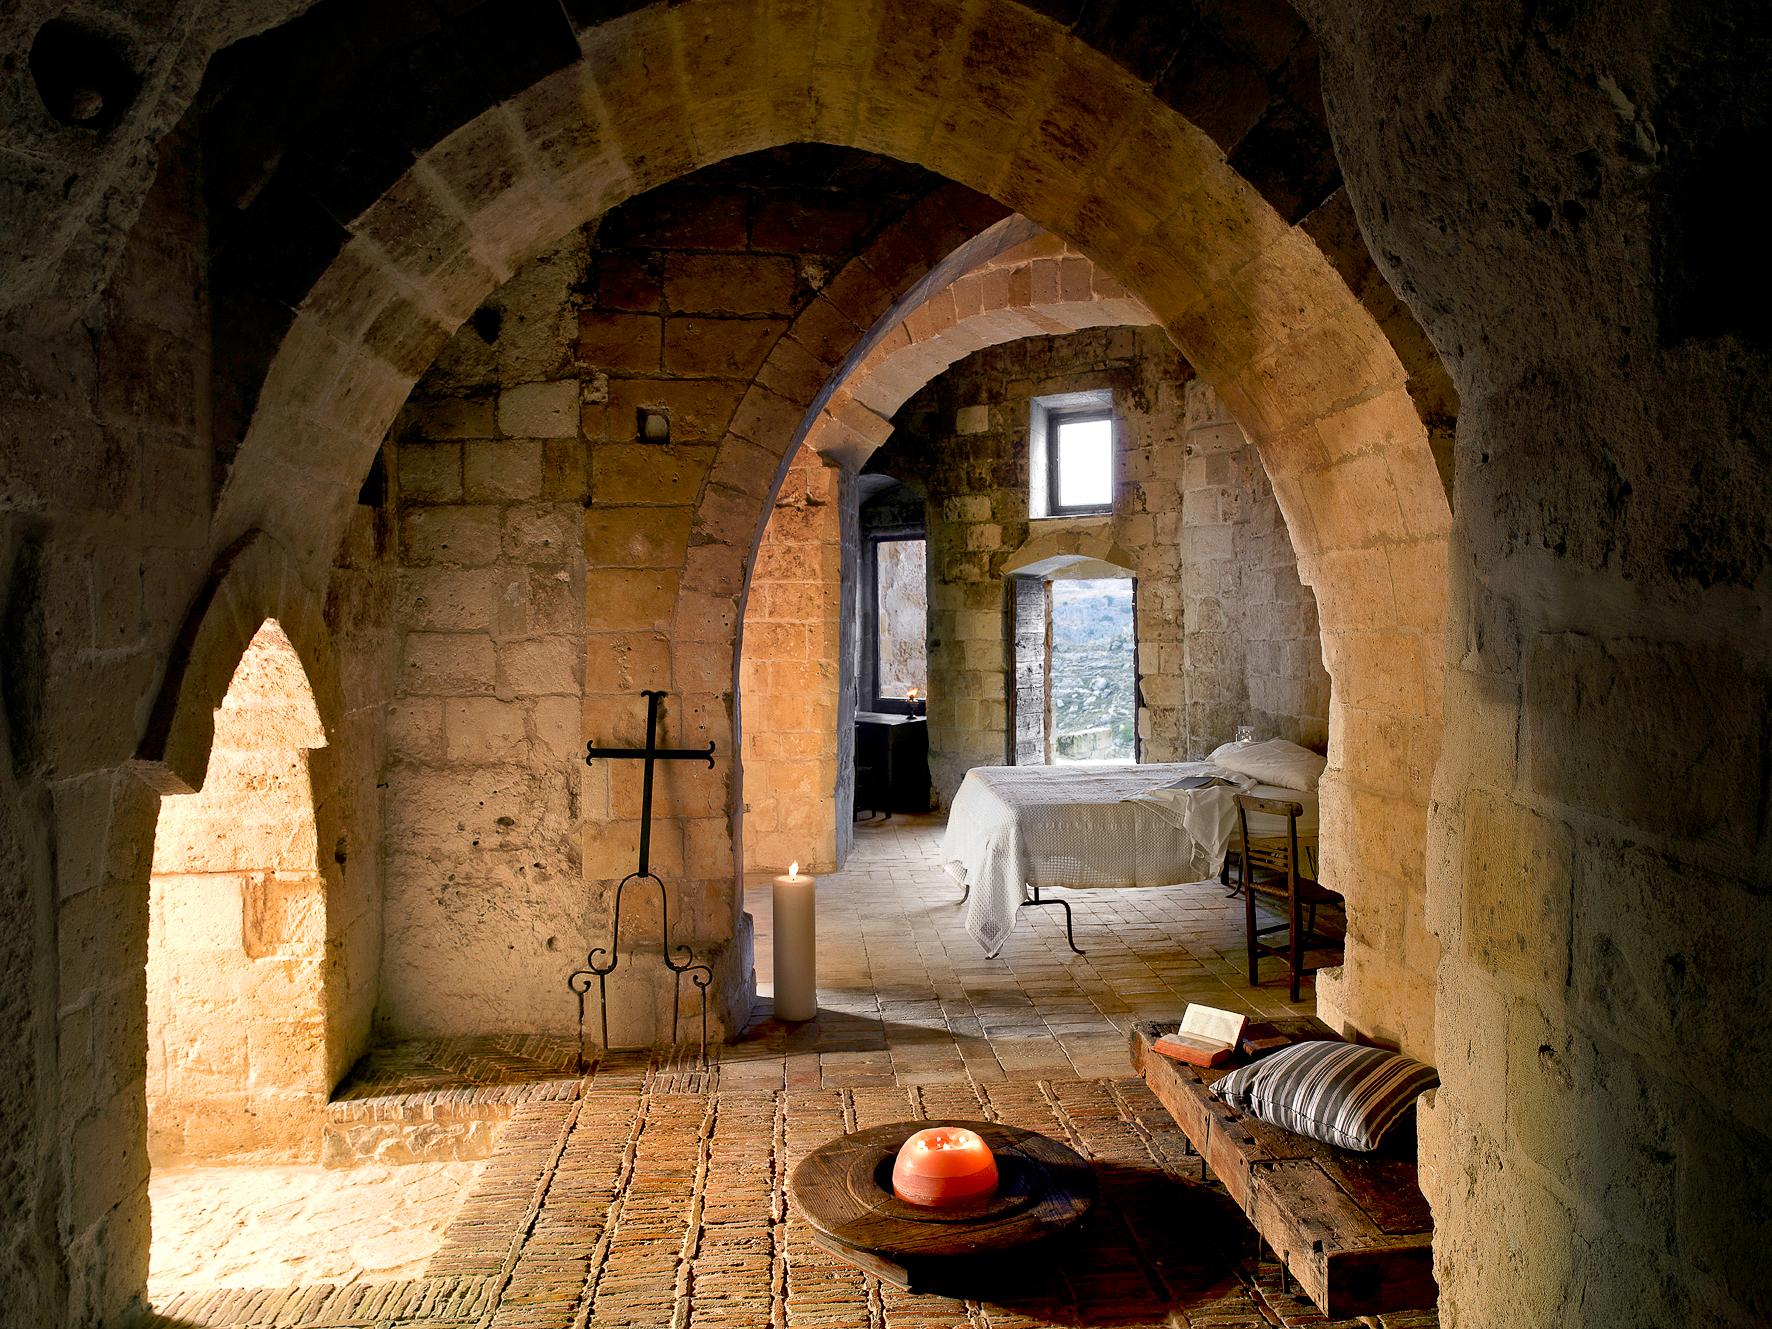 A luxe cave room at Sextantio Le Grotte della Civita